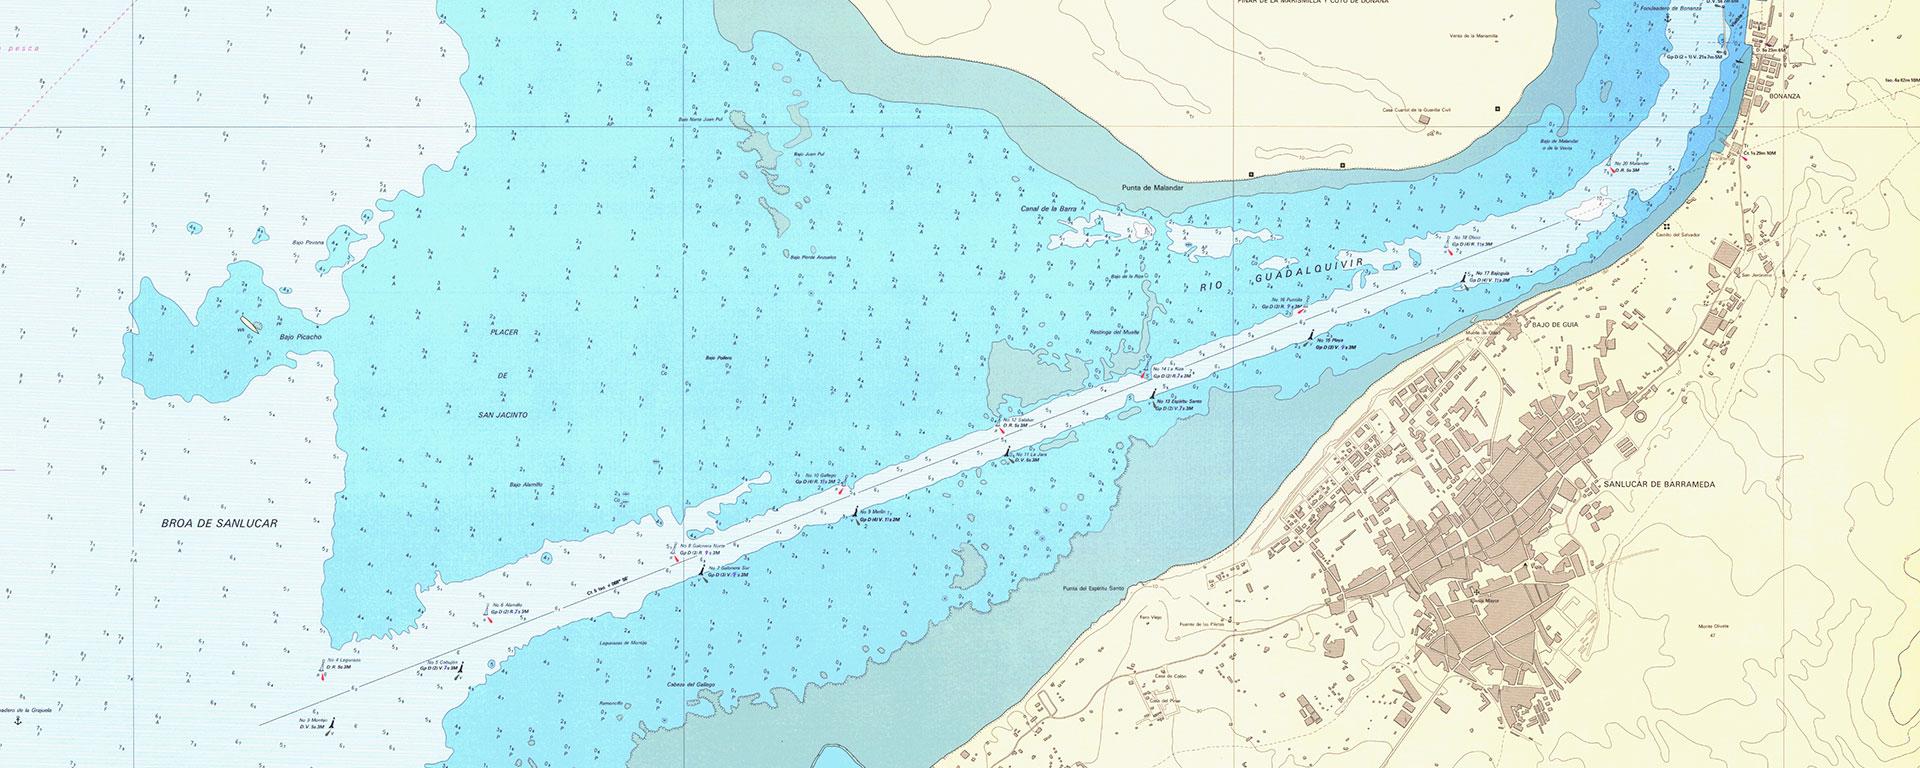 Carta náutica de la broa de Sanlúcar y el fondeadero de Bonanza.